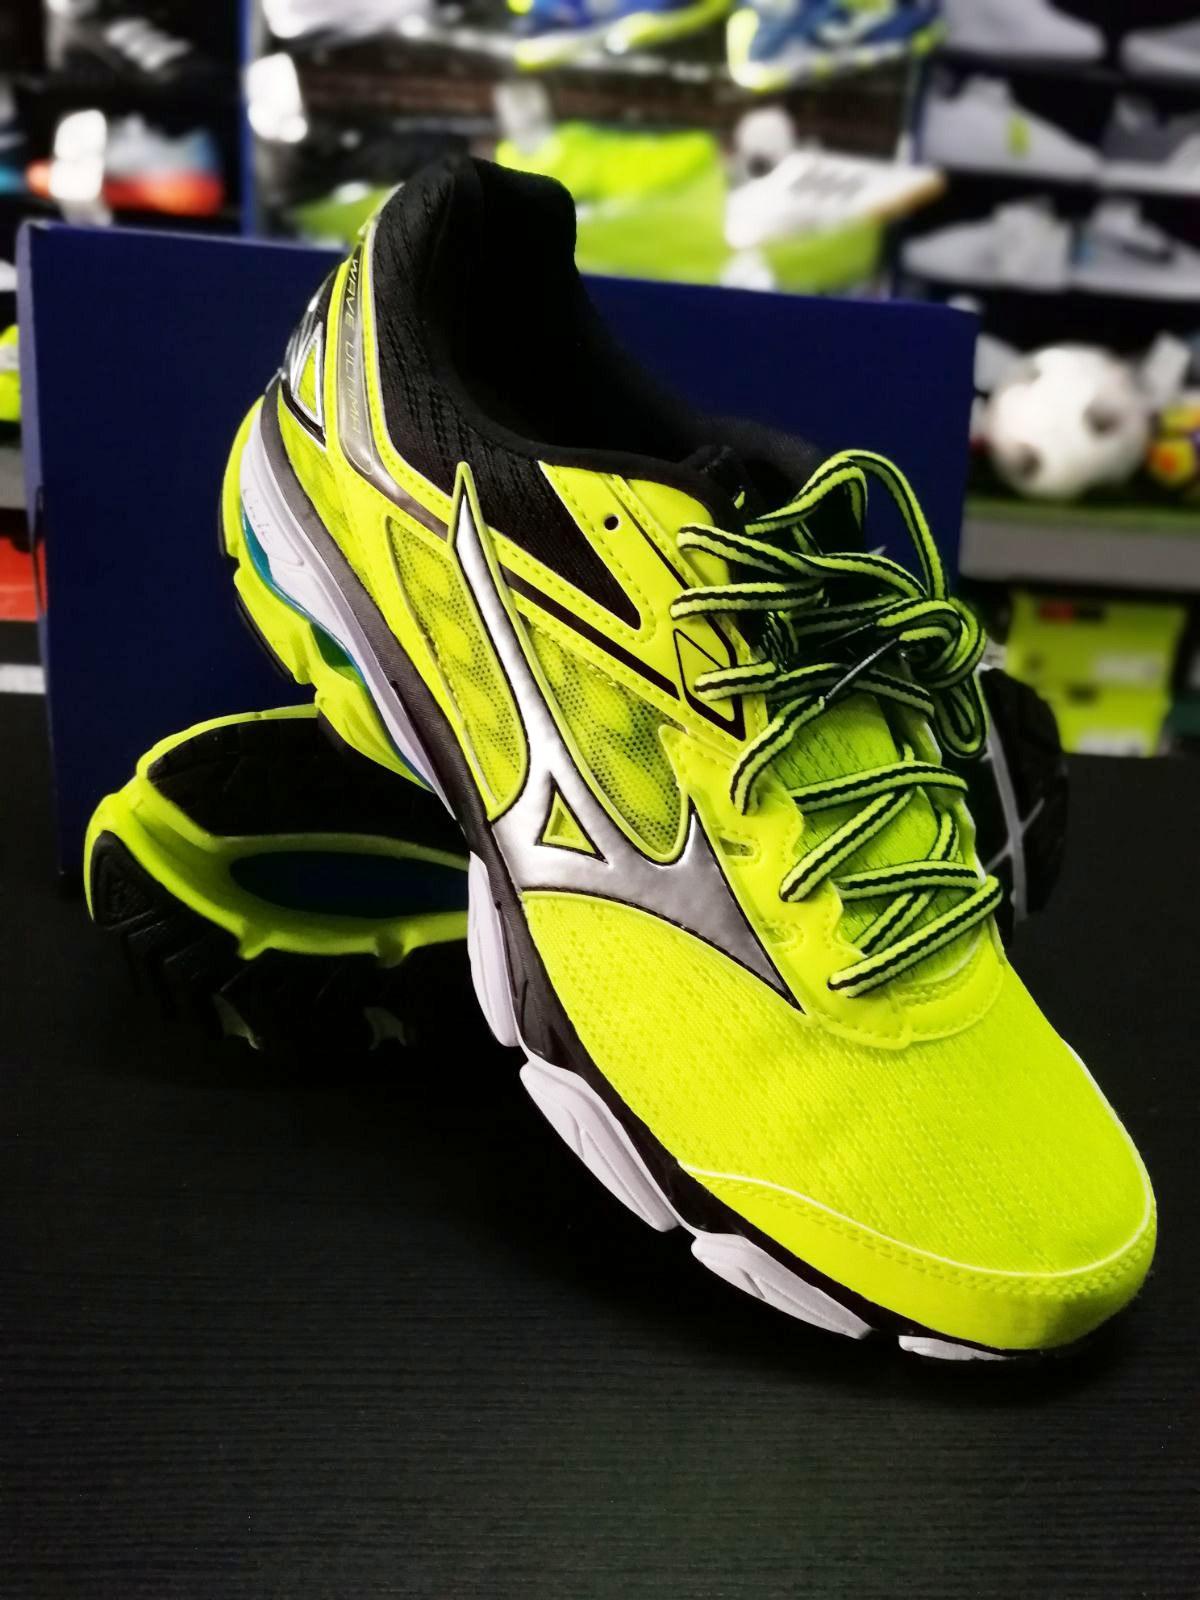 Cómodo y bien parecido Mizuno Wave Ultima 9 Scarpe Corsa Running Shoes Zapatillas Trainers Giallo Uomo